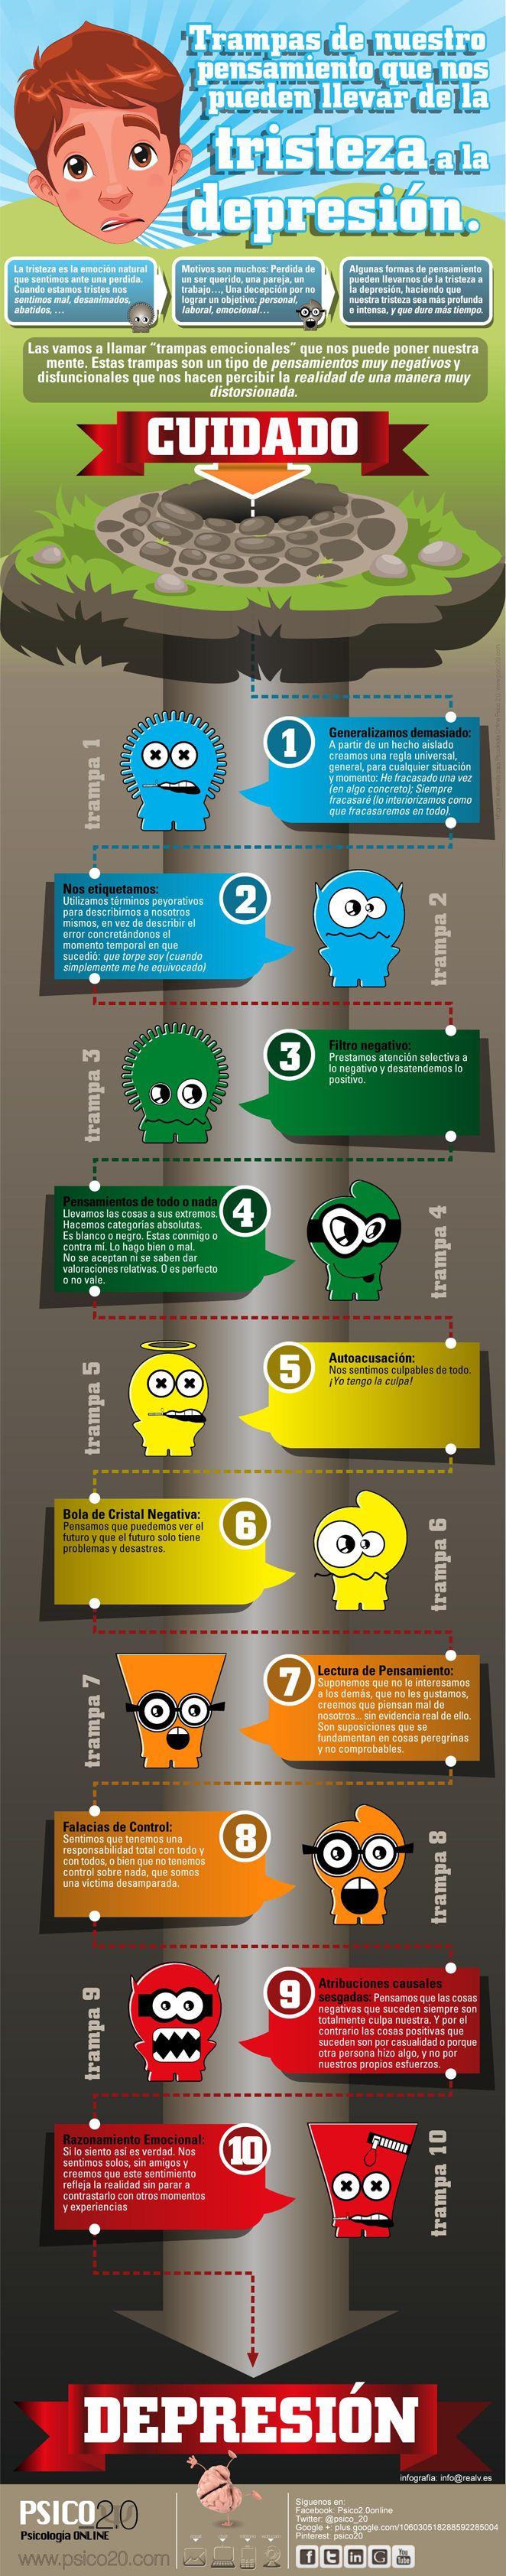 El paso de la tristeza a la depresión #infografia